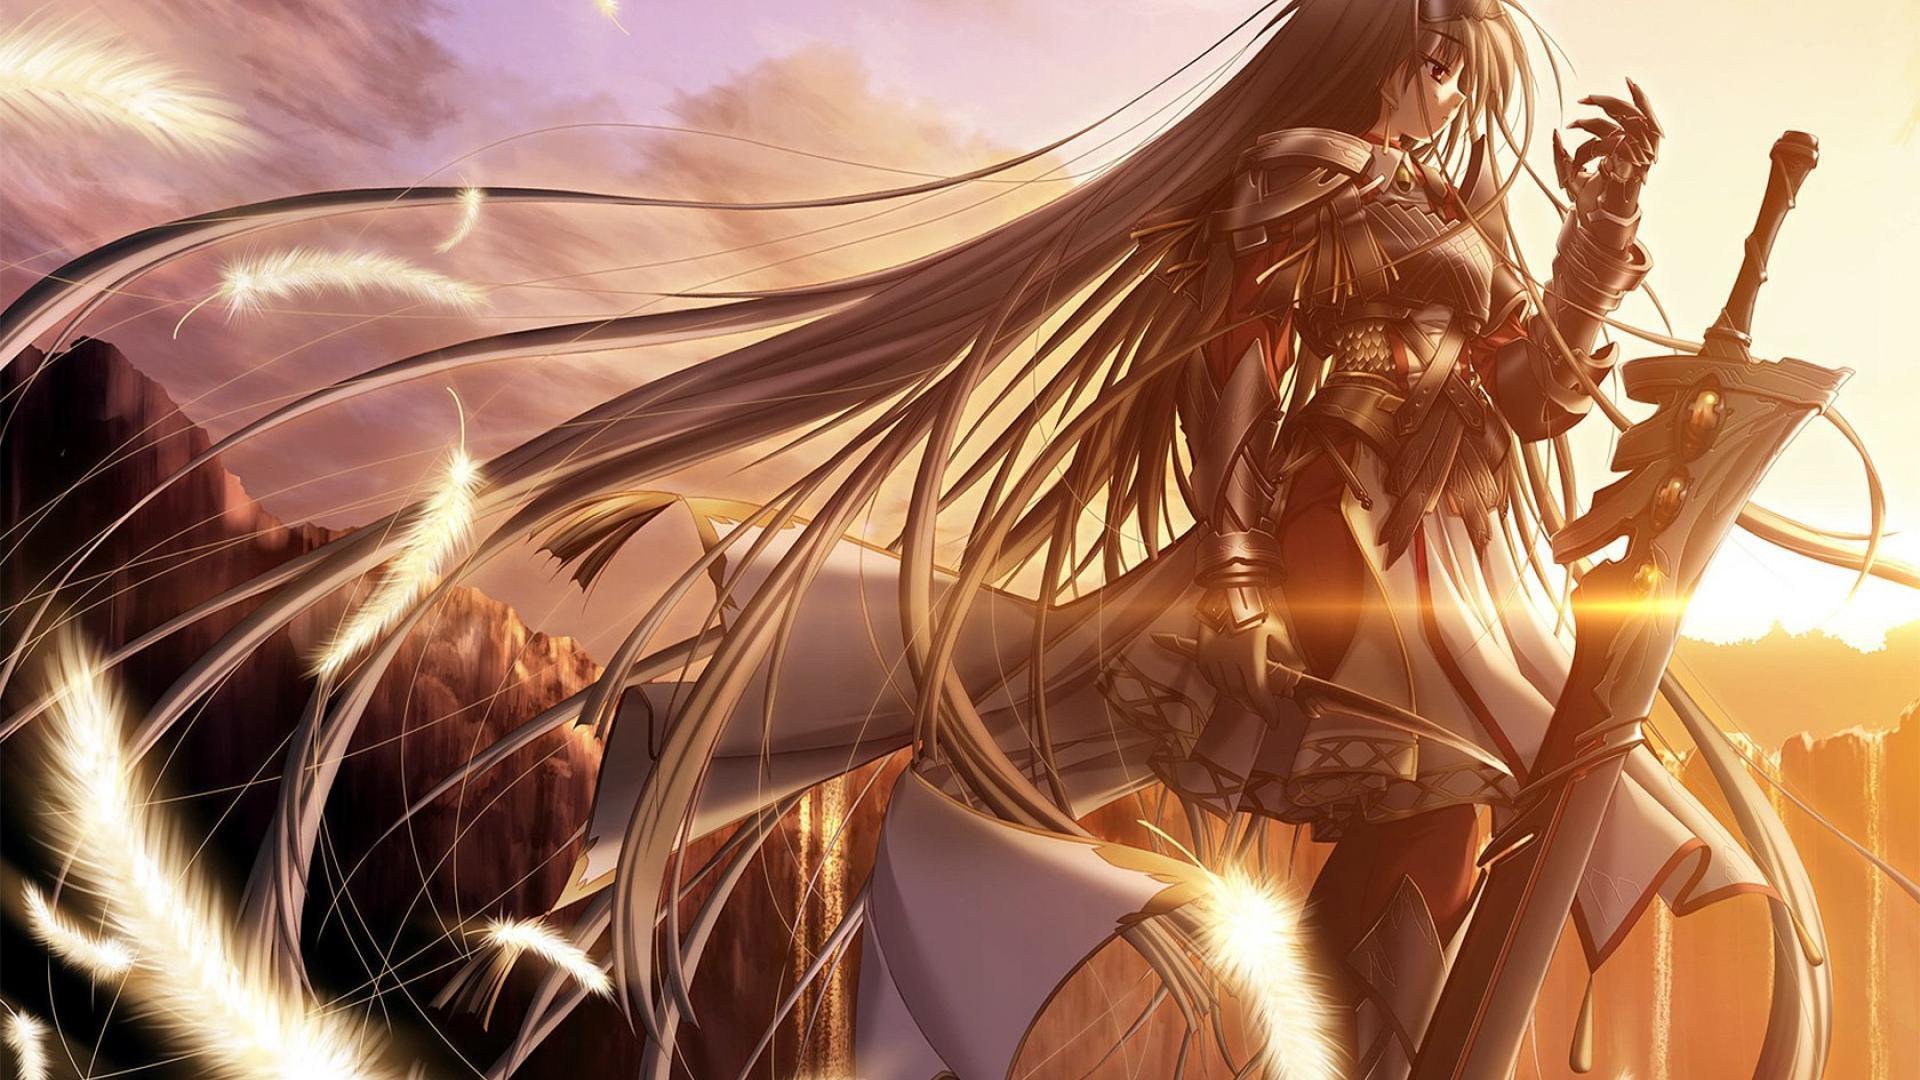 デスクトップ壁紙 長い髪 アニメの女の子 鎧 銀髪 赤い目 剣